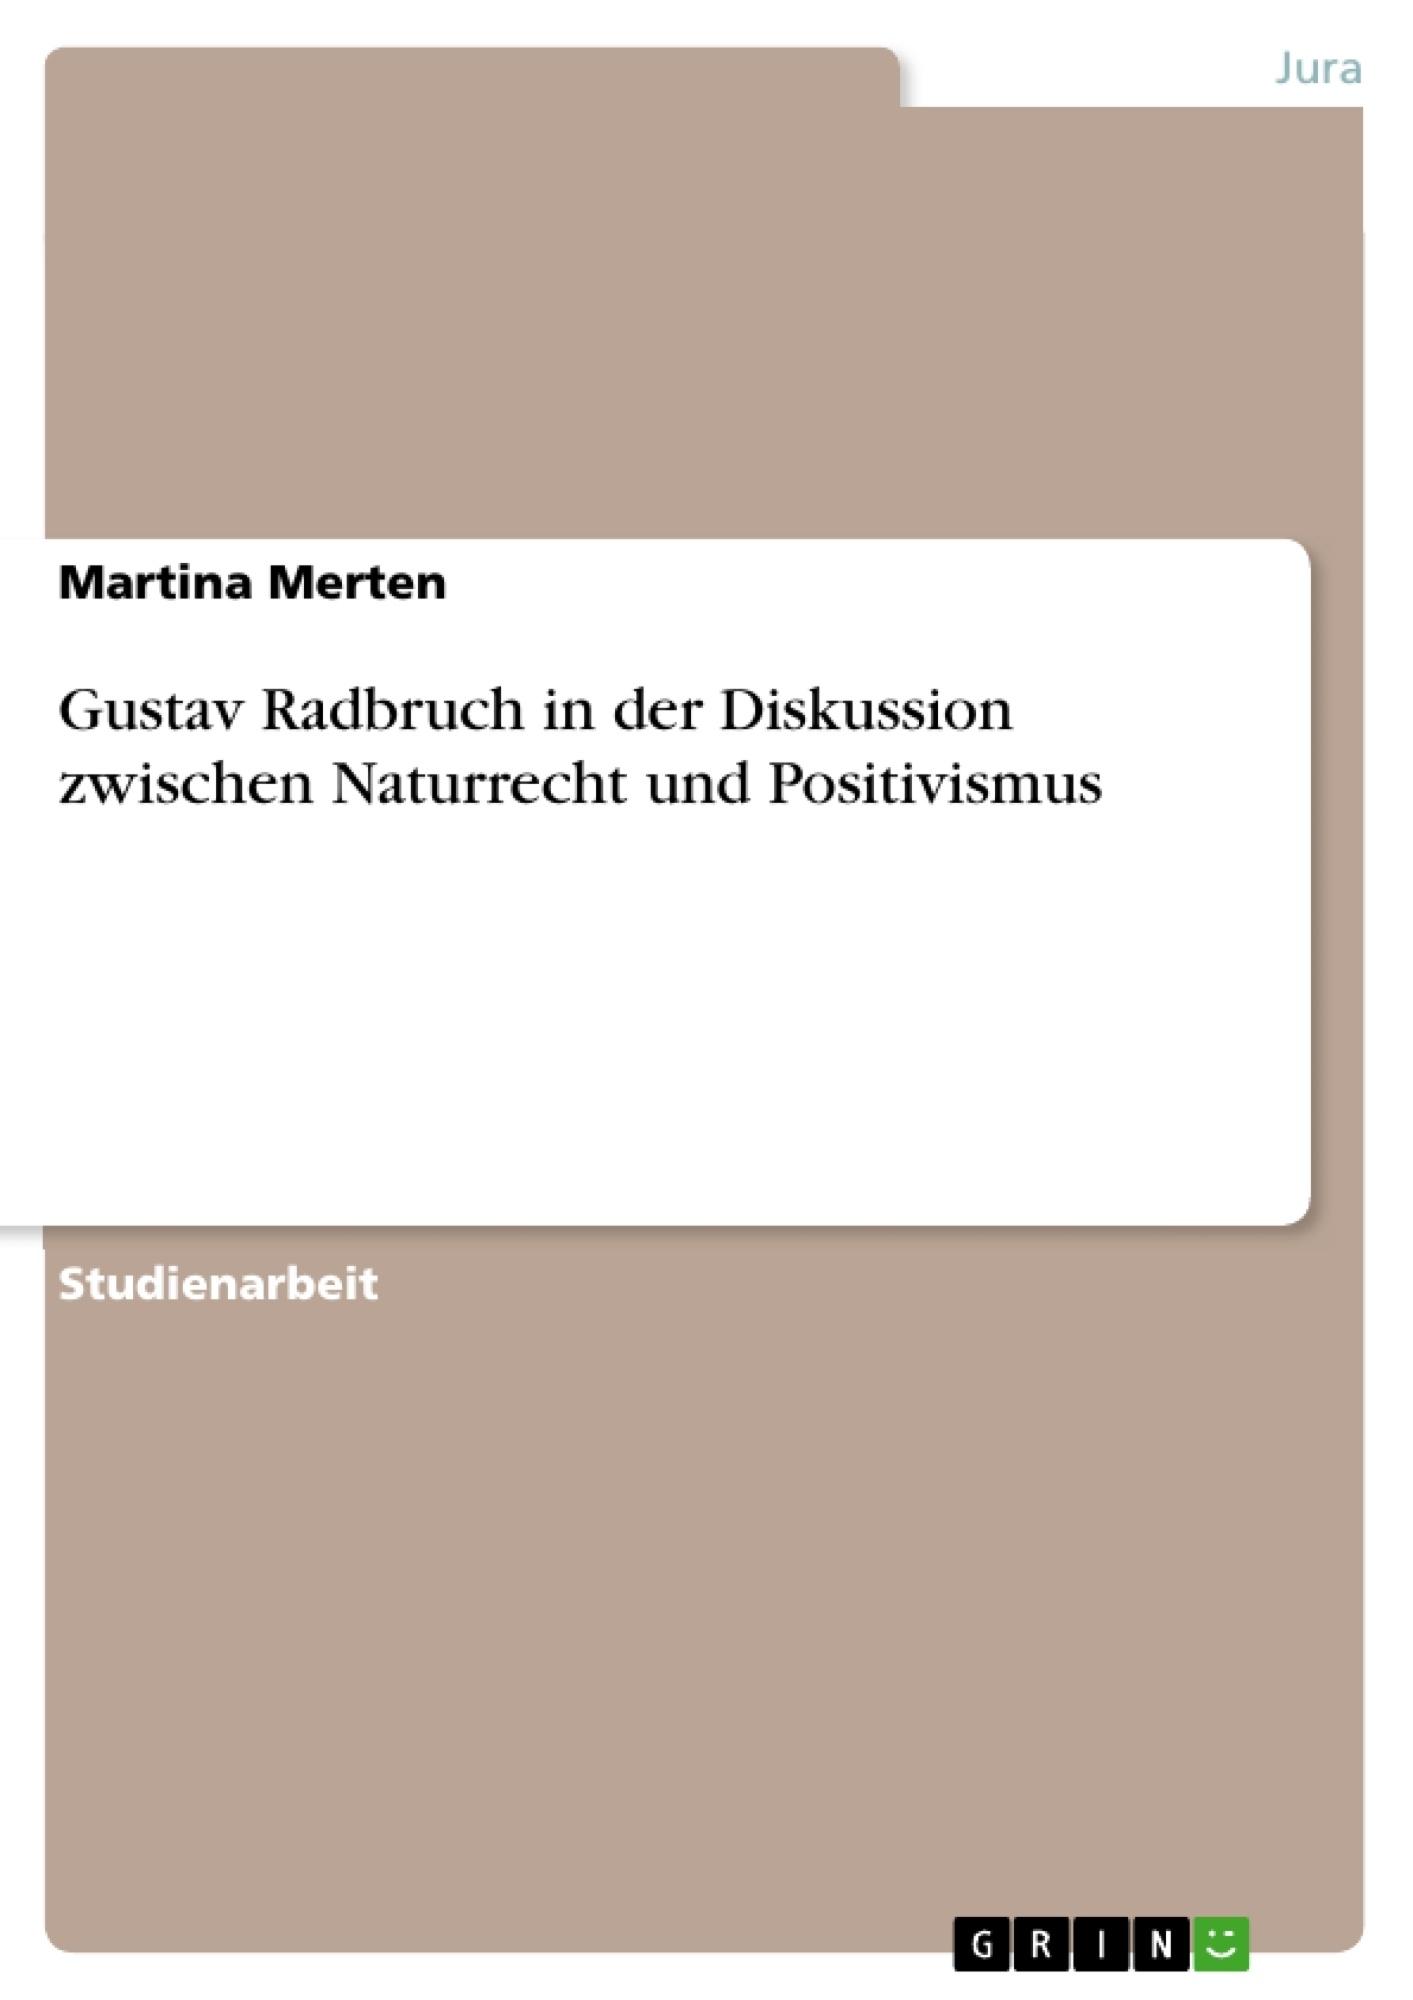 Titel: Gustav Radbruch in der Diskussion zwischen Naturrecht und Positivismus